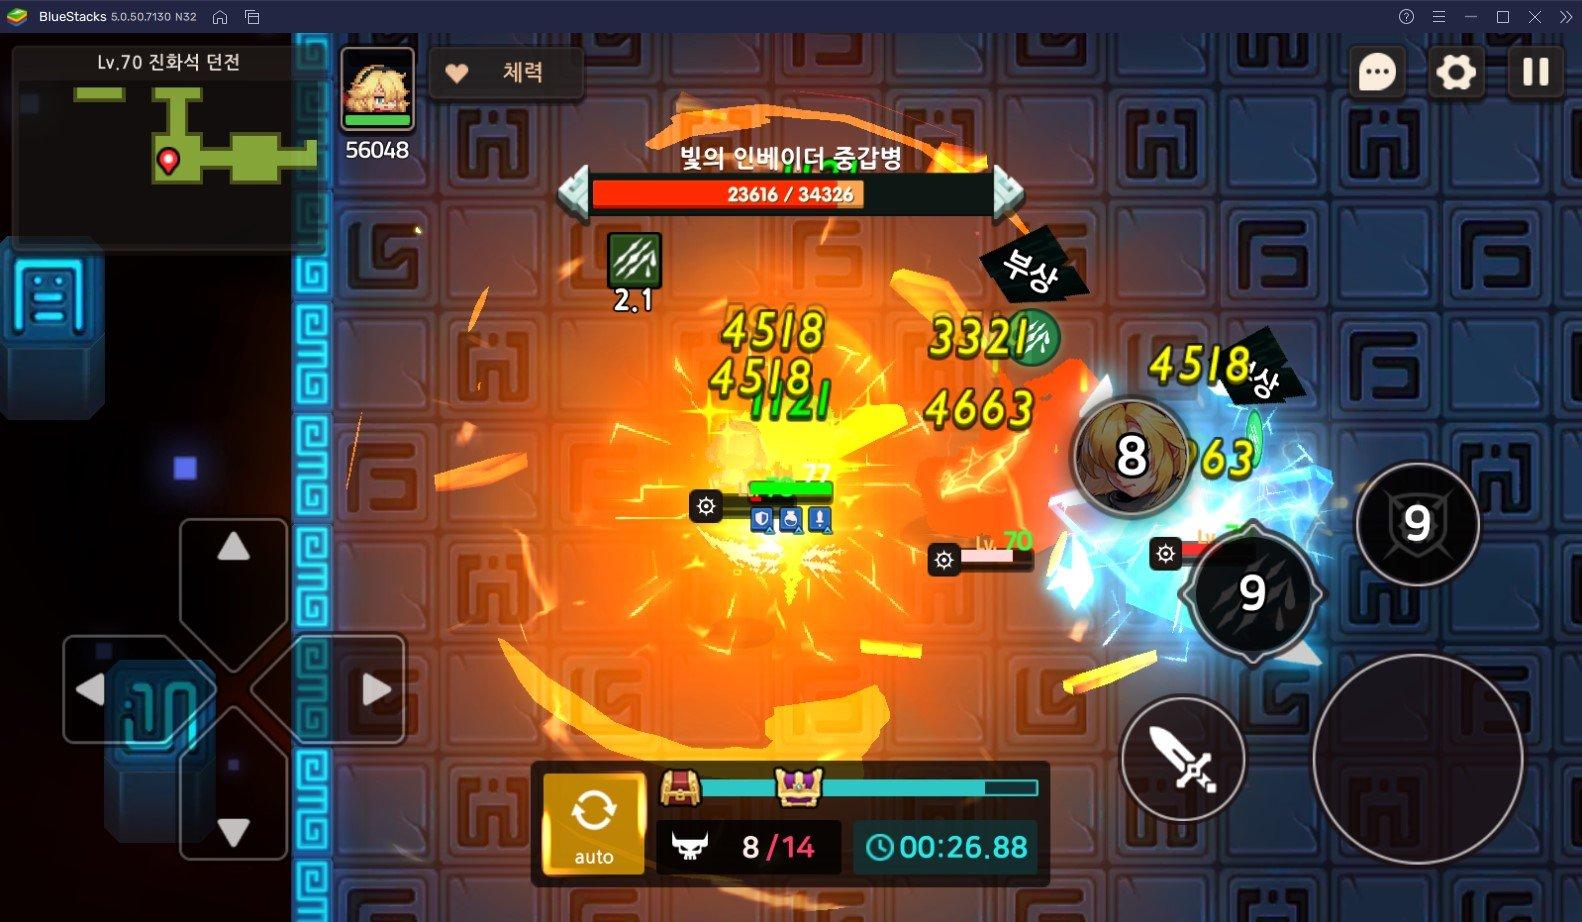 블루스택5 베타와 함께라면 더 재미있게 즐길 수 있는 게임 BEST 5, 바로 알아봐요!